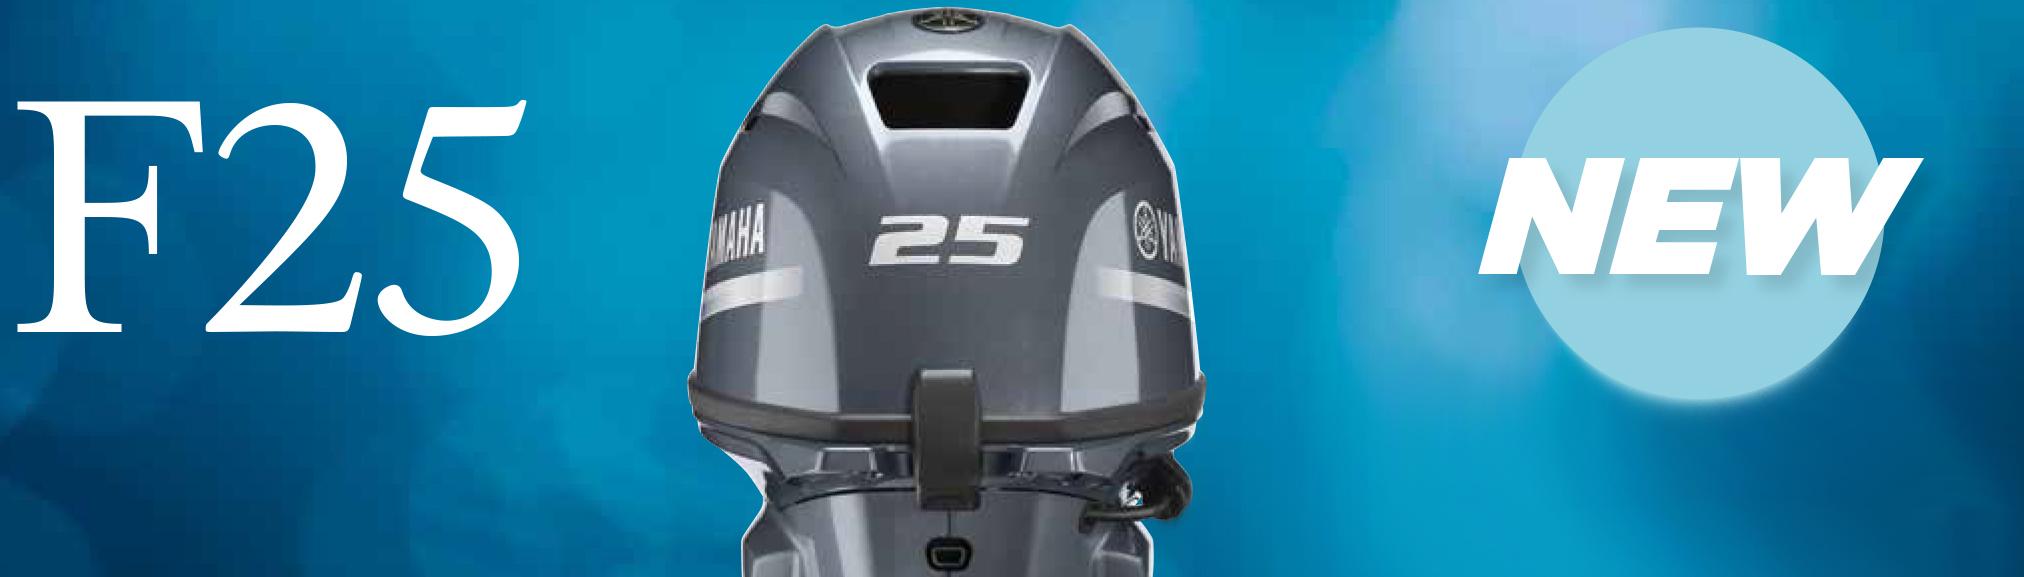 f25-header-3.jpg